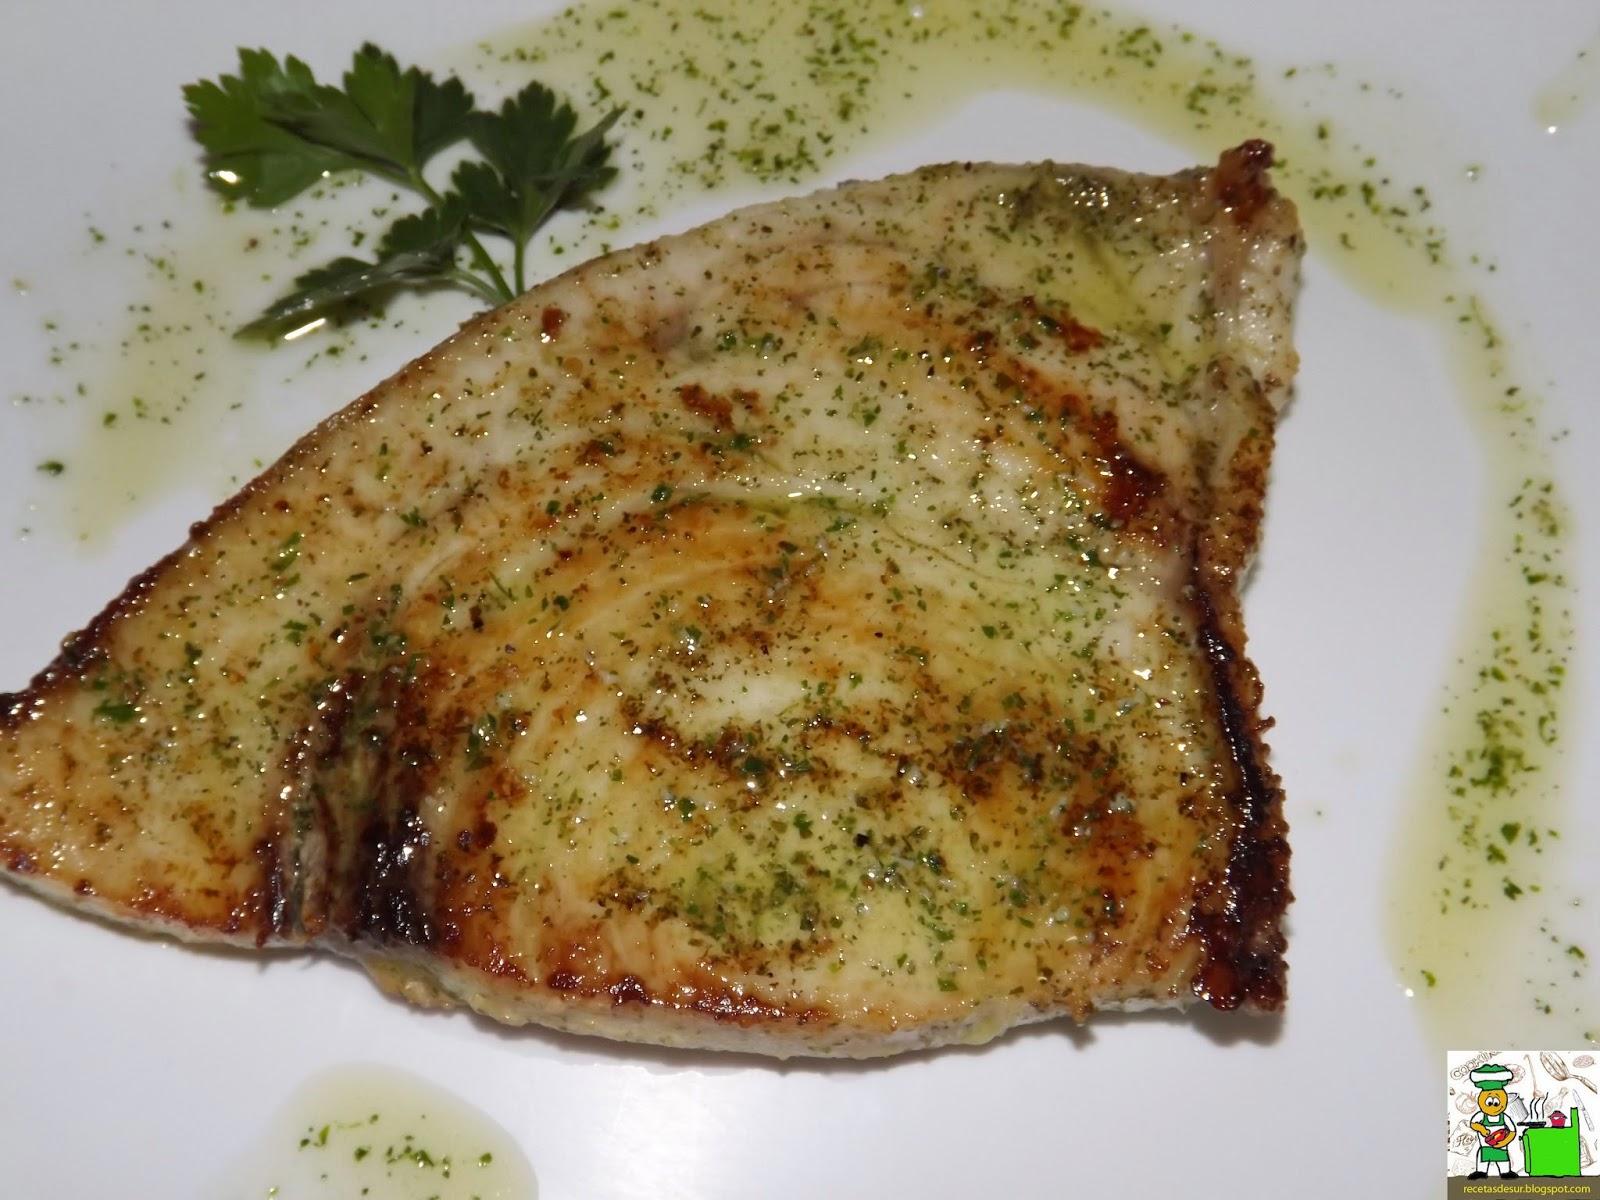 Recetas del sur pez espada en salsa verde for Cocinar pez espada a la plancha